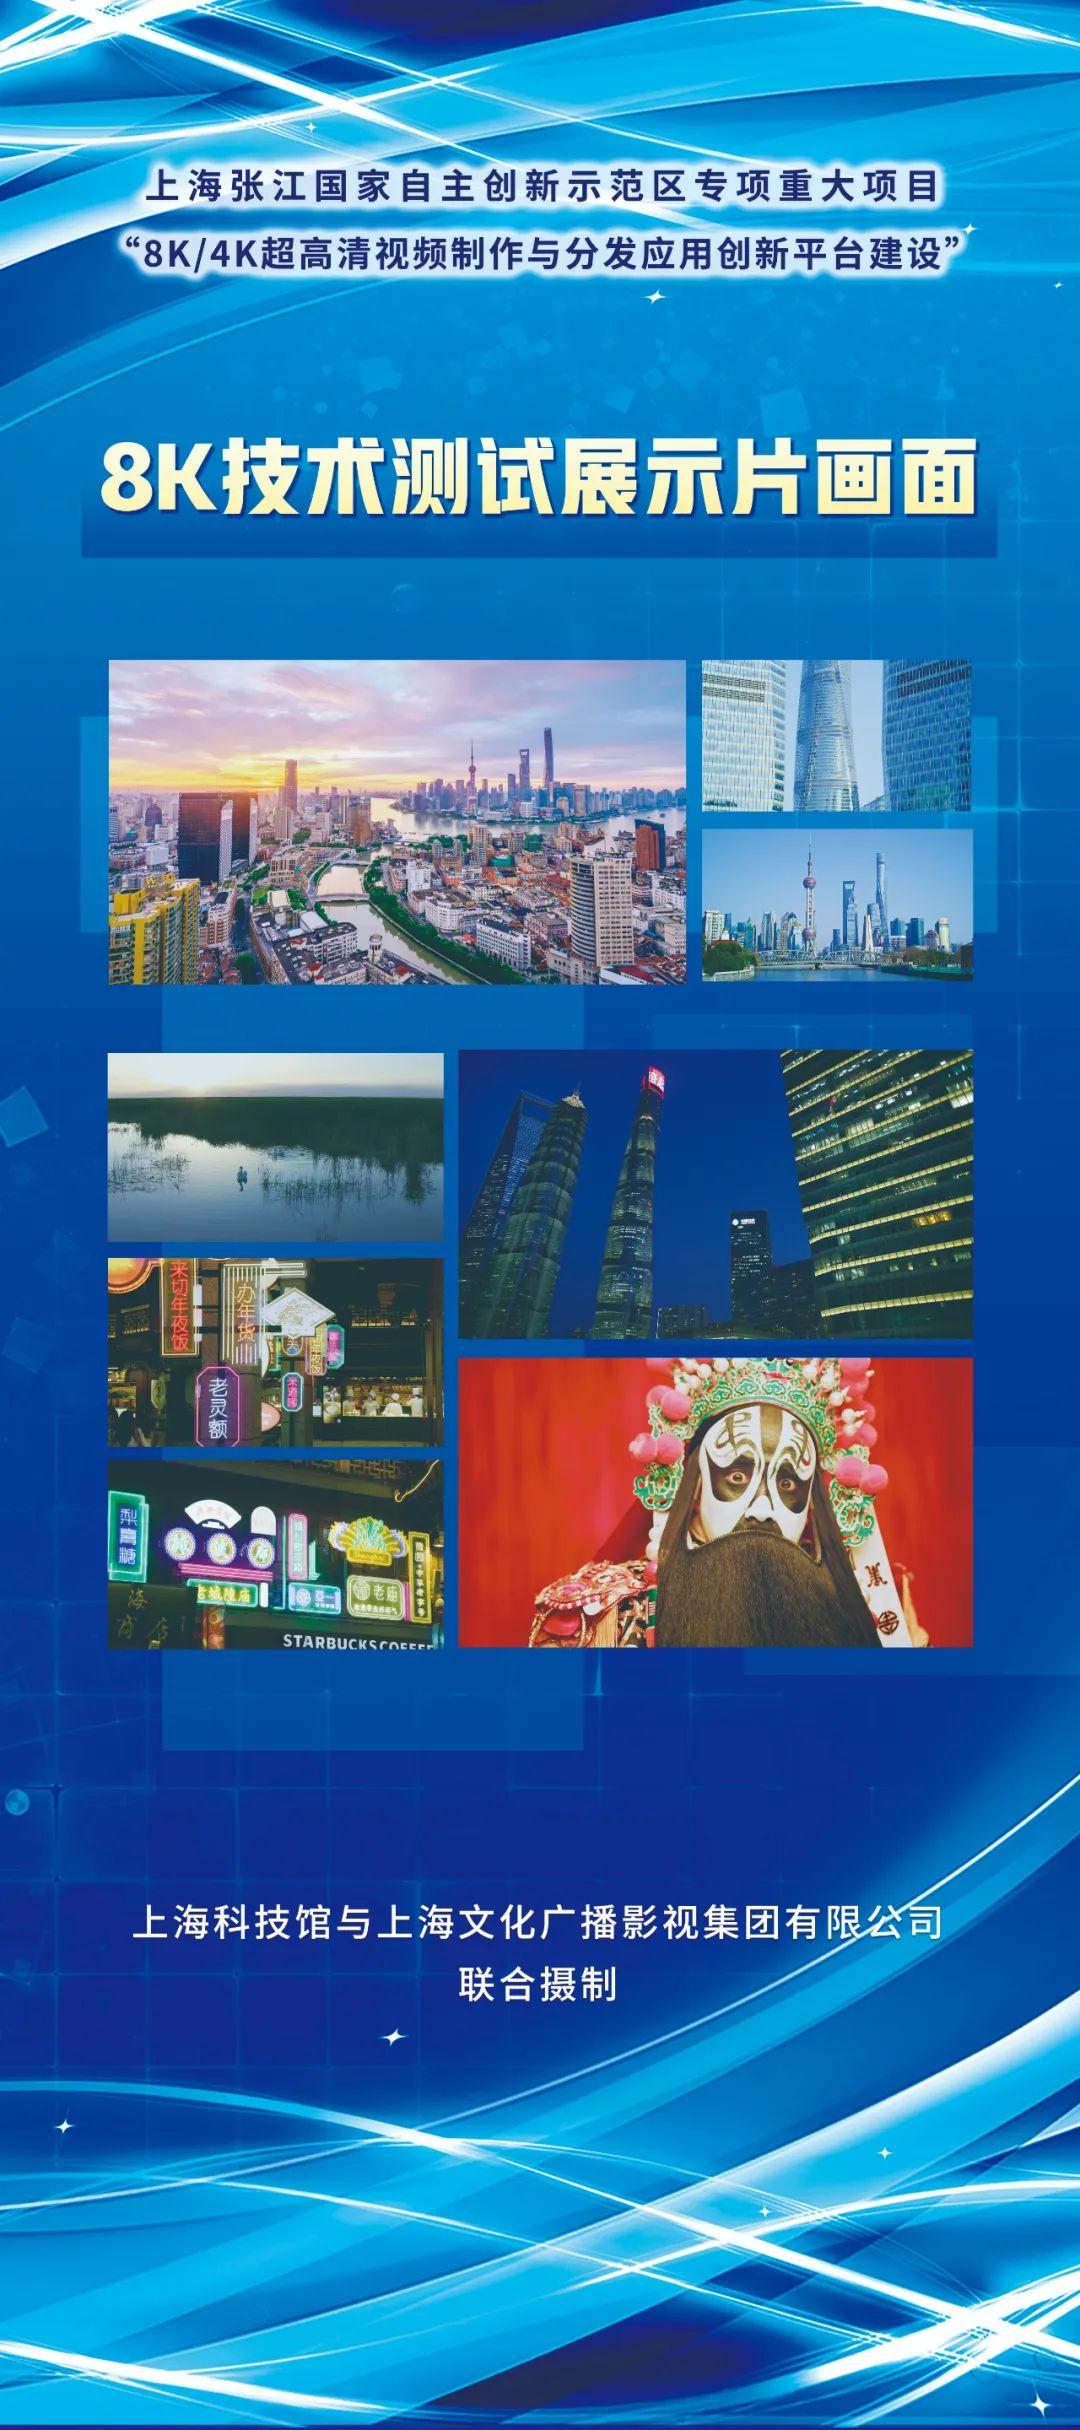 上海市8K全景声视听展示基地揭幕 8K全景声京剧电影《捉放曹》全球首映 8K视频案例 第9张